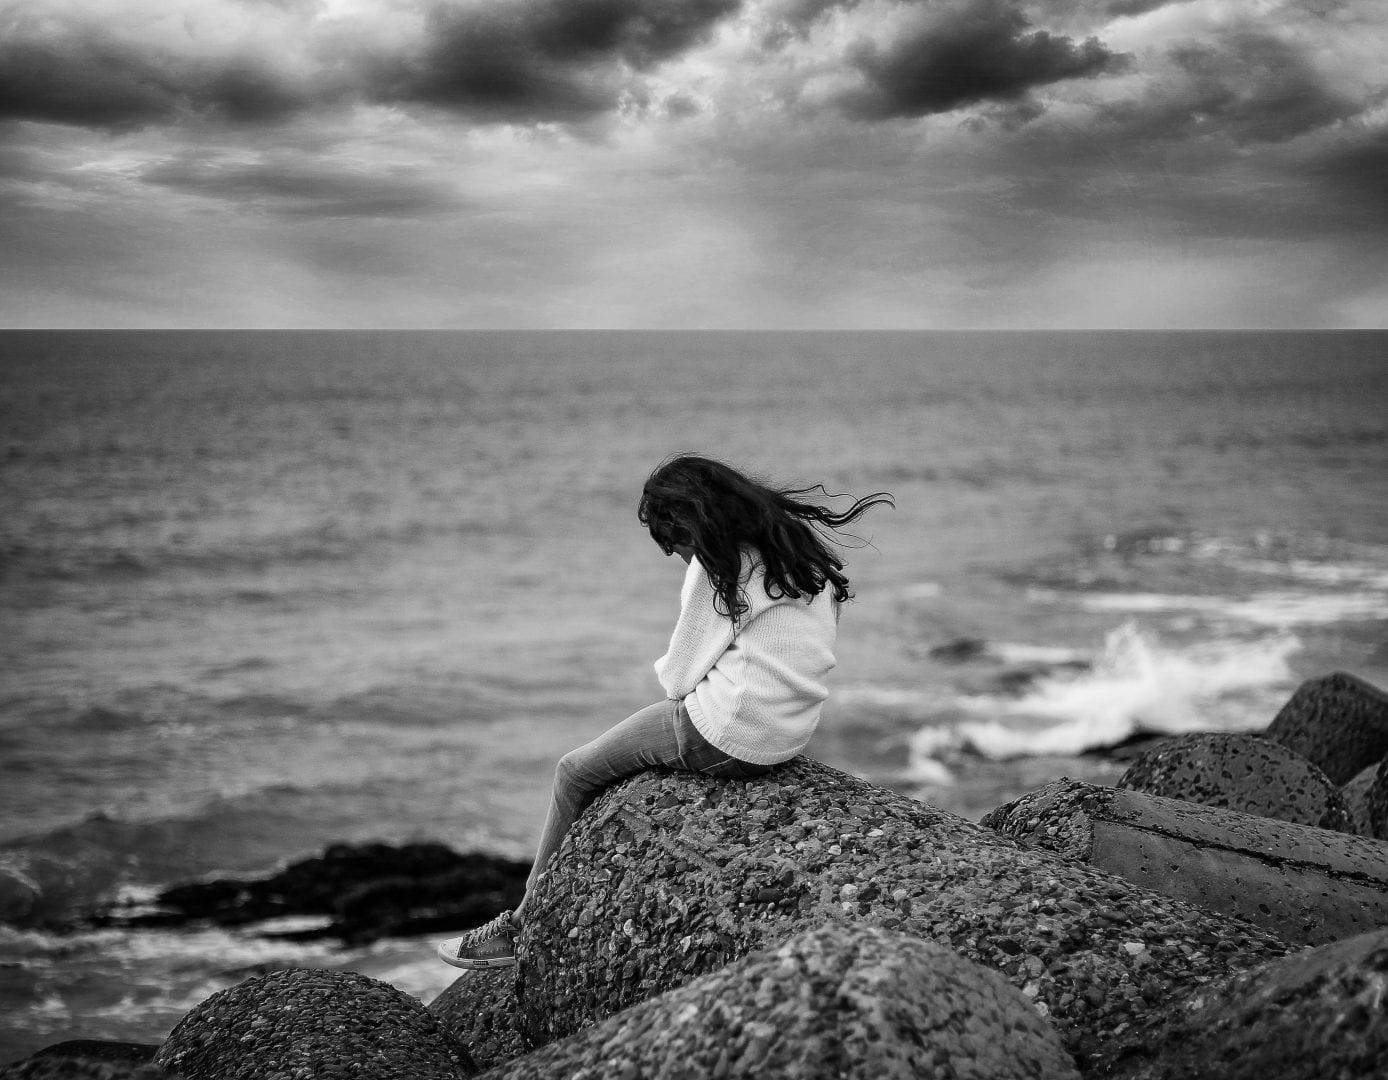 Se sentindo sozinho - O que fazer para não se sentir assim?